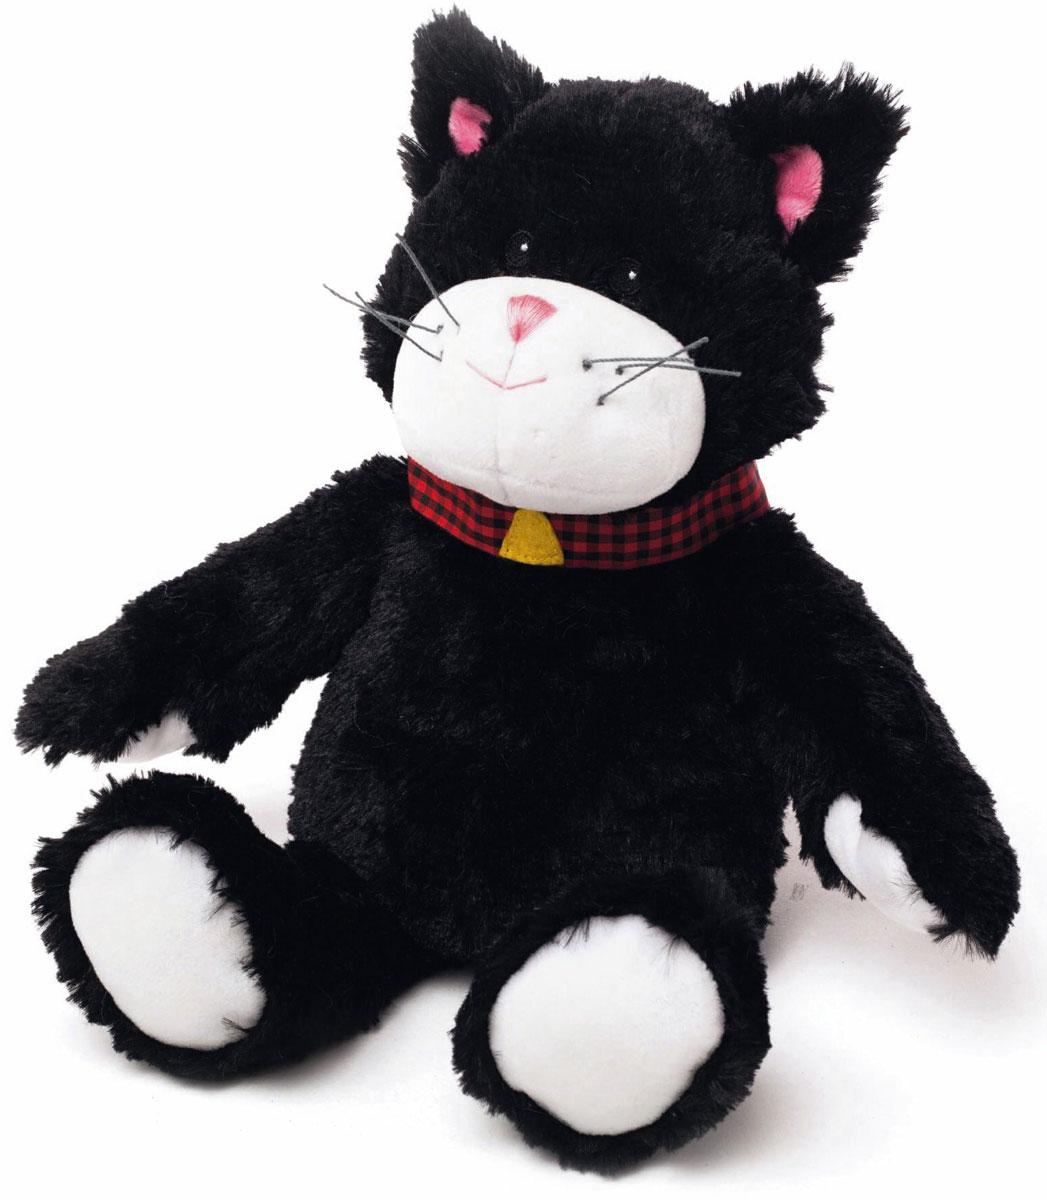 Warmies Игрушка-грелка Черный Кот грелки warmies cozy plush игрушка грелка дракон